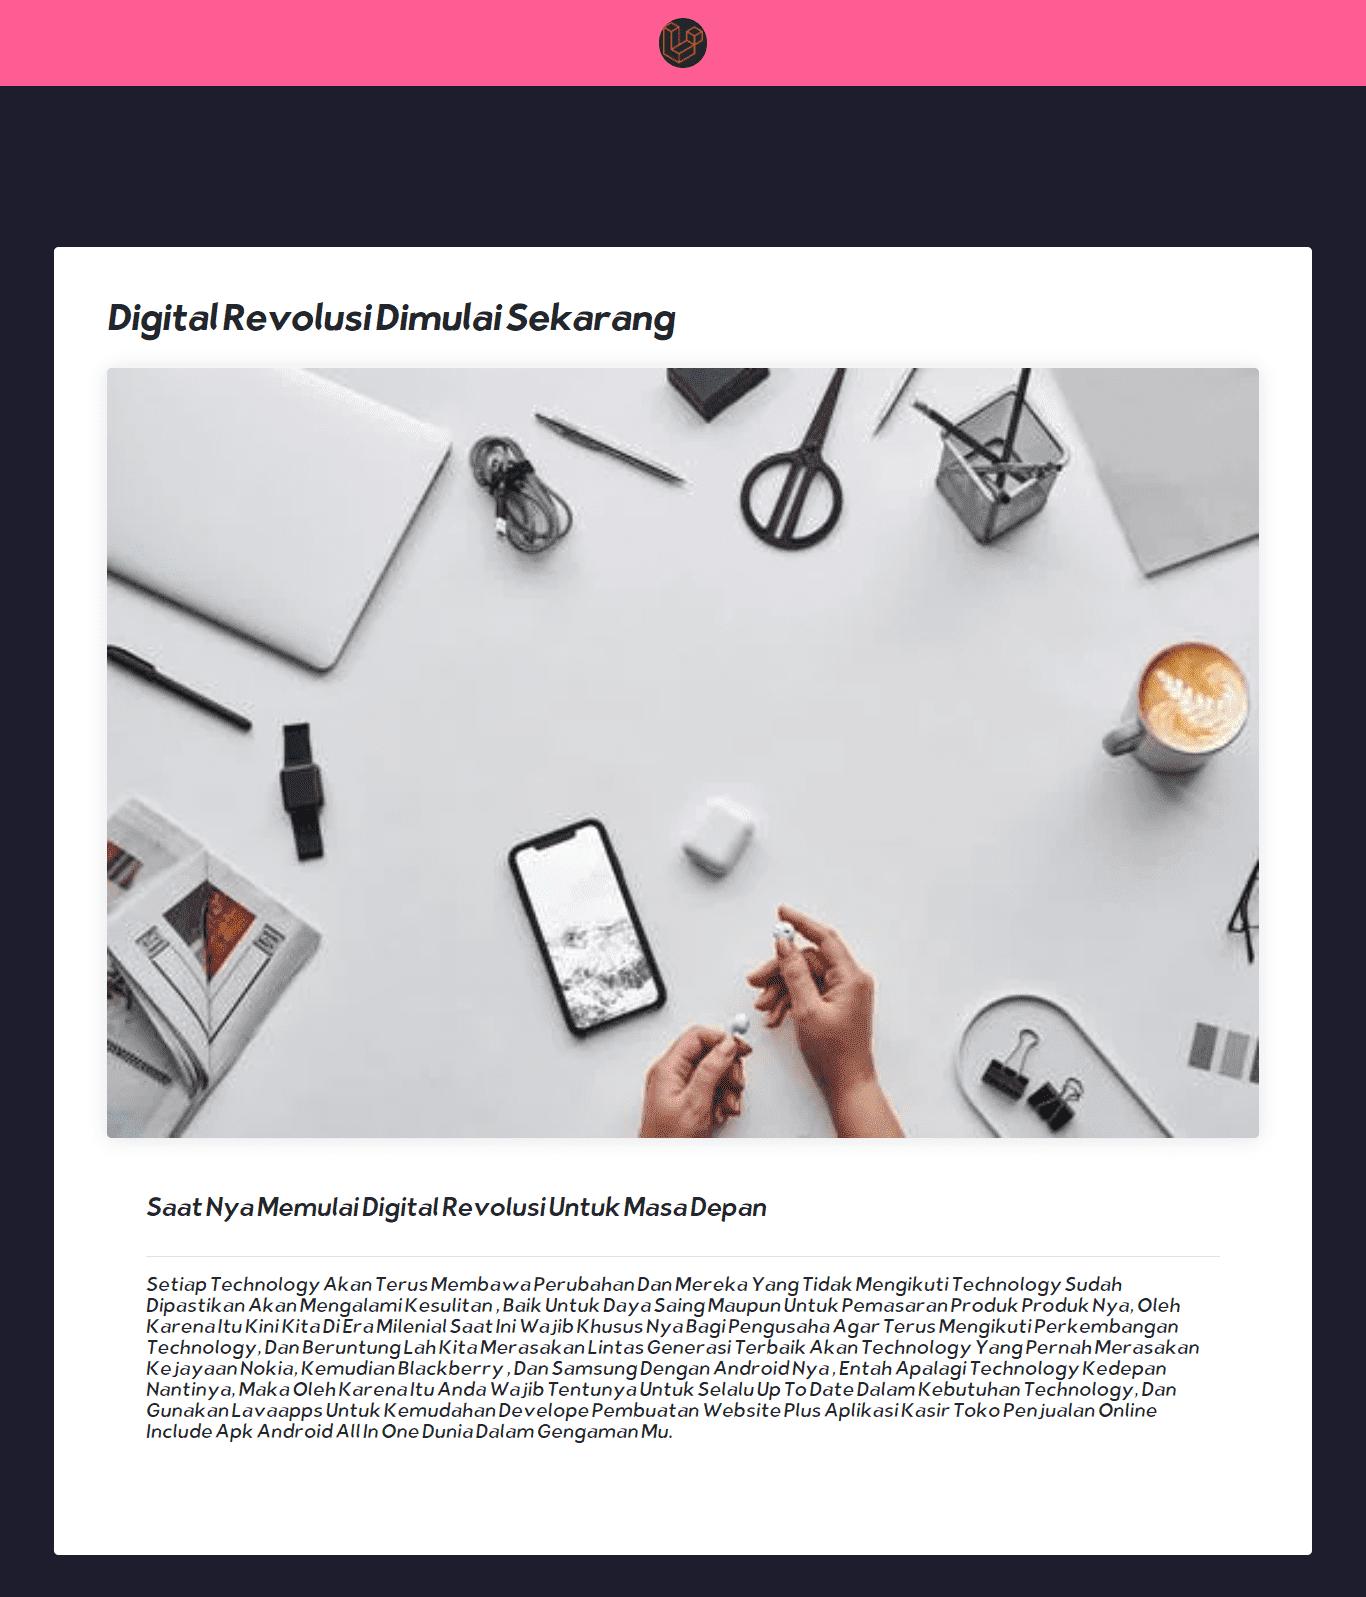 pembuatan website toko online shop toko grosir eceran dan apk android laravel